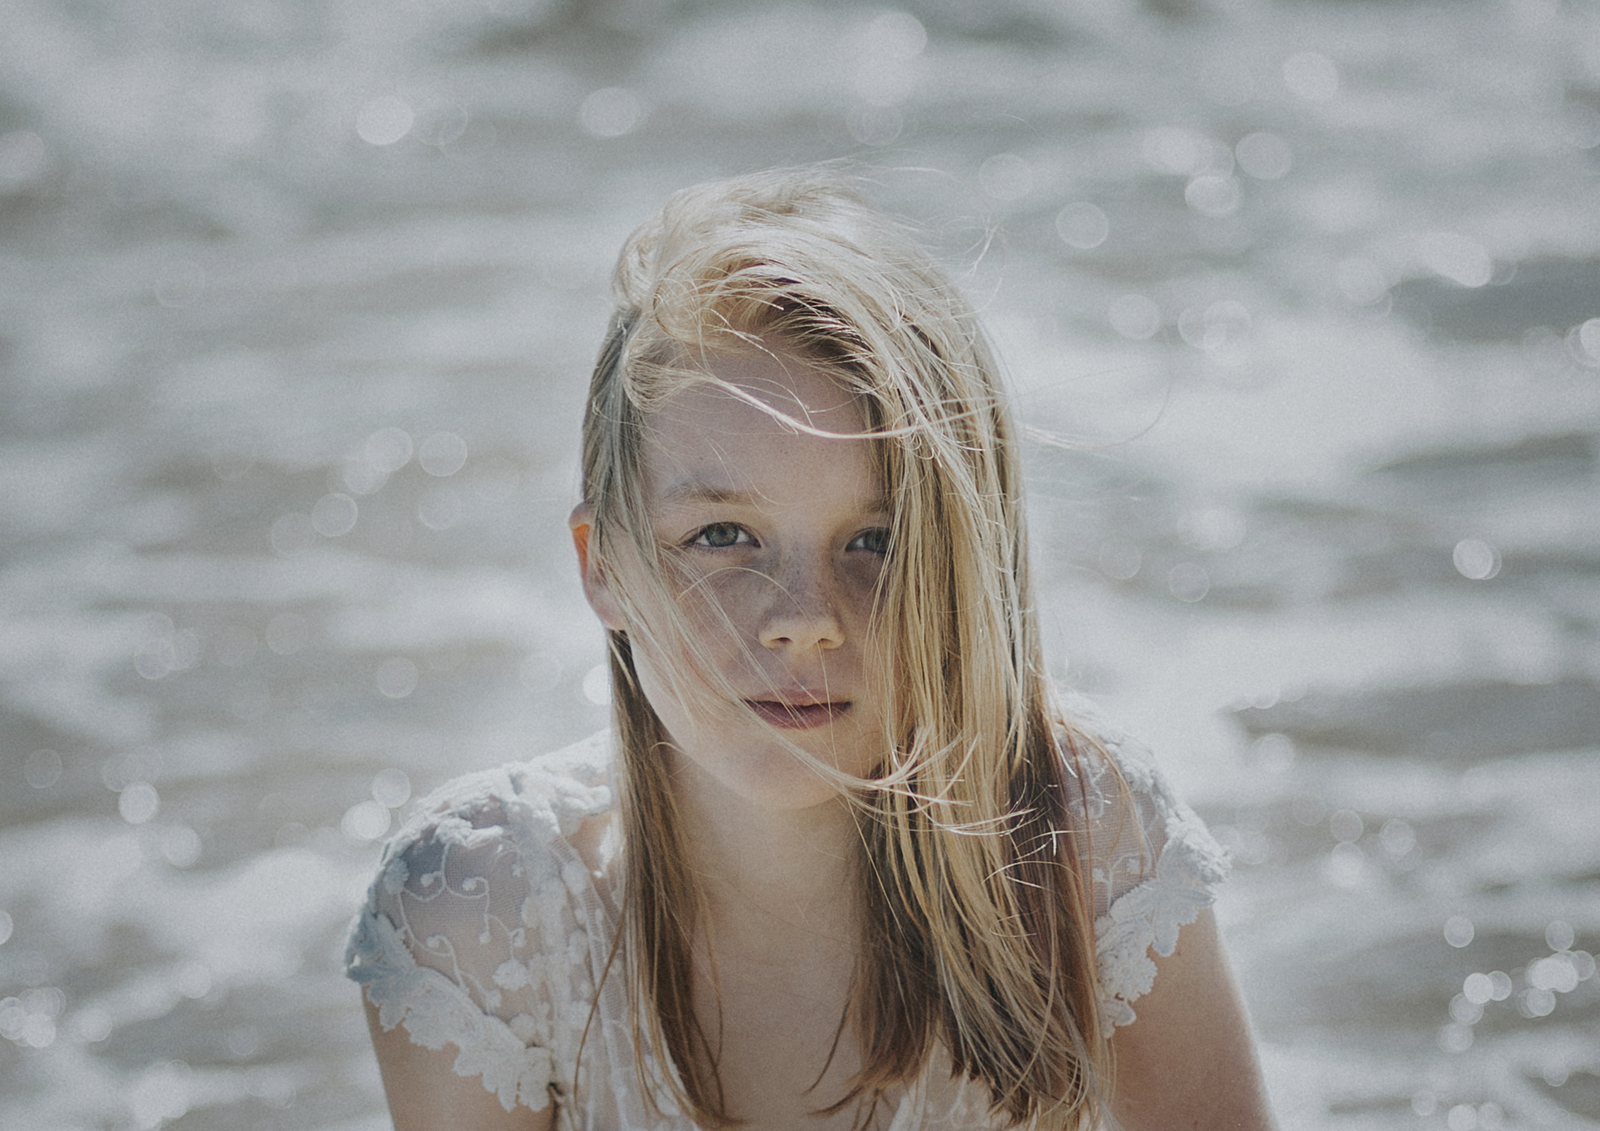 Portrait of Young Tween girl